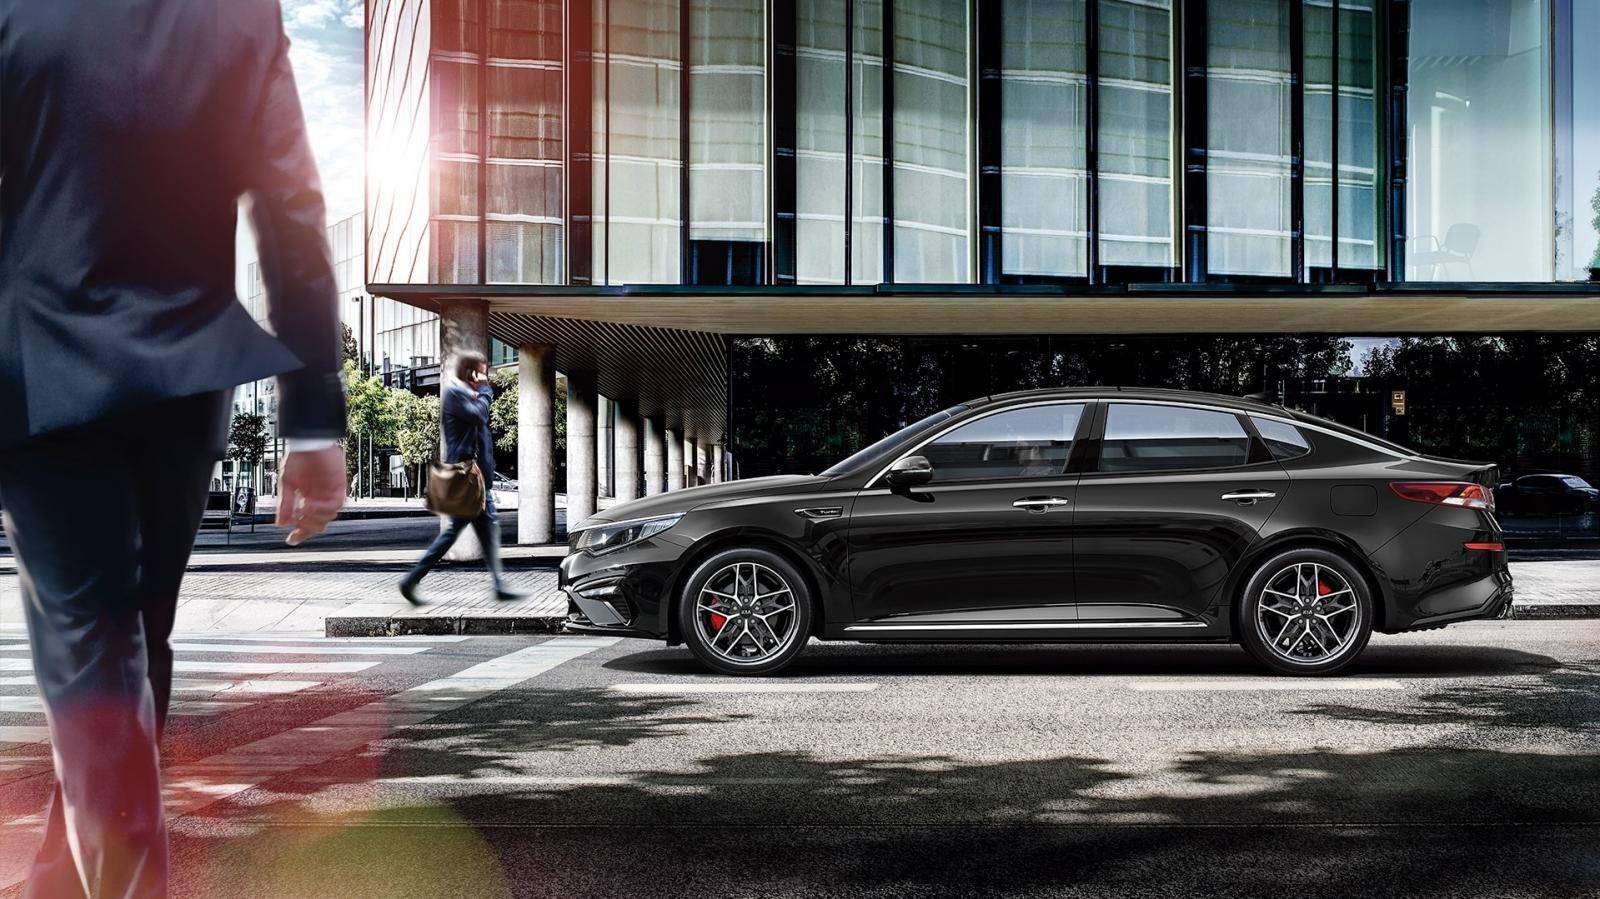 kia optima precio mexico Es un coche que destaca por su elegancia y gran sistema de infotenimiento